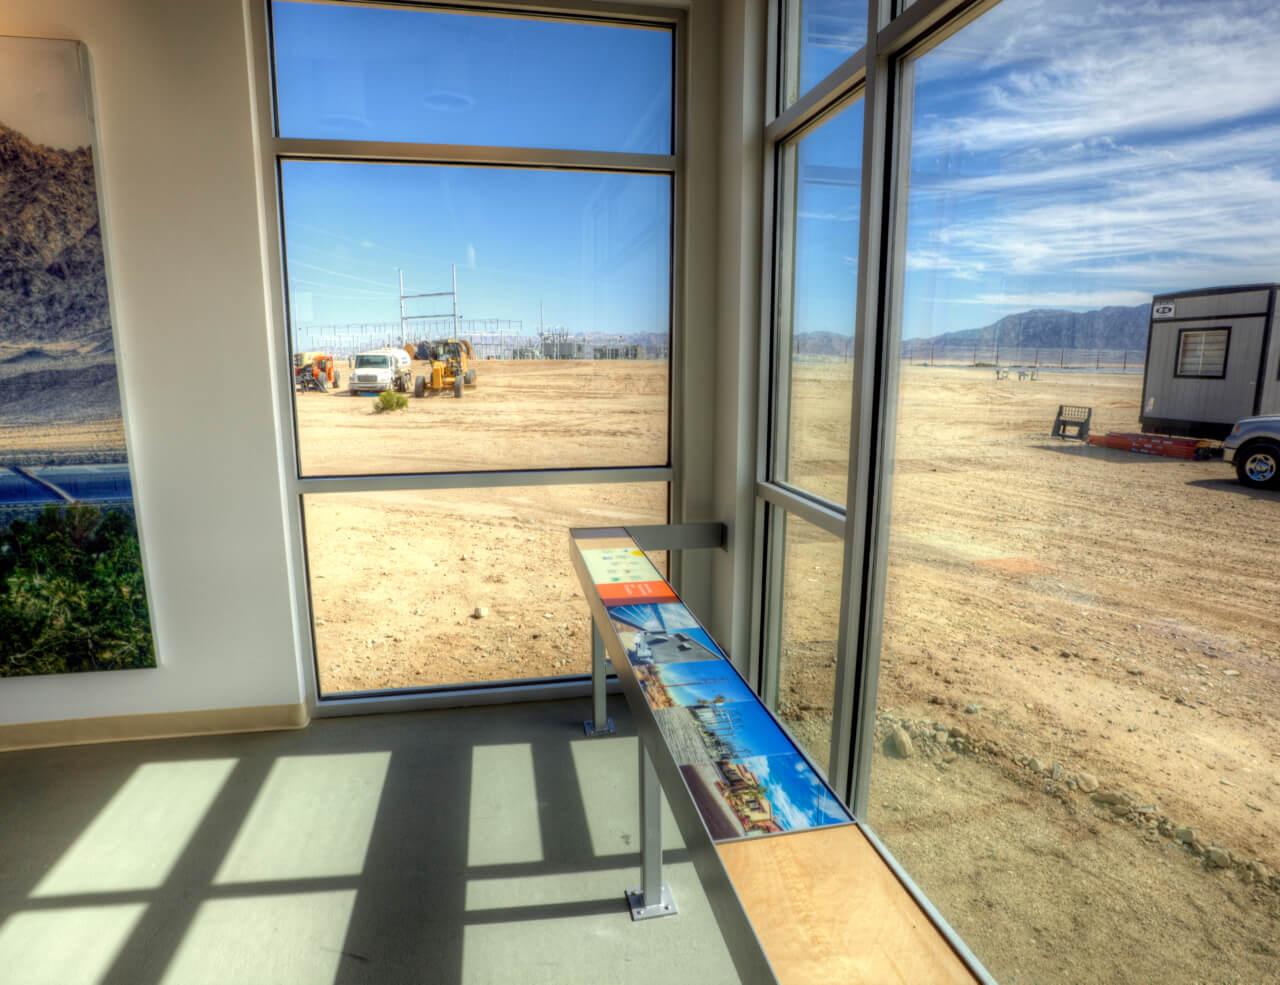 6-Desert-Sunlight-Visitor-Center-The Sibbett Group-Sub-Station-Drew Metzger.jpg